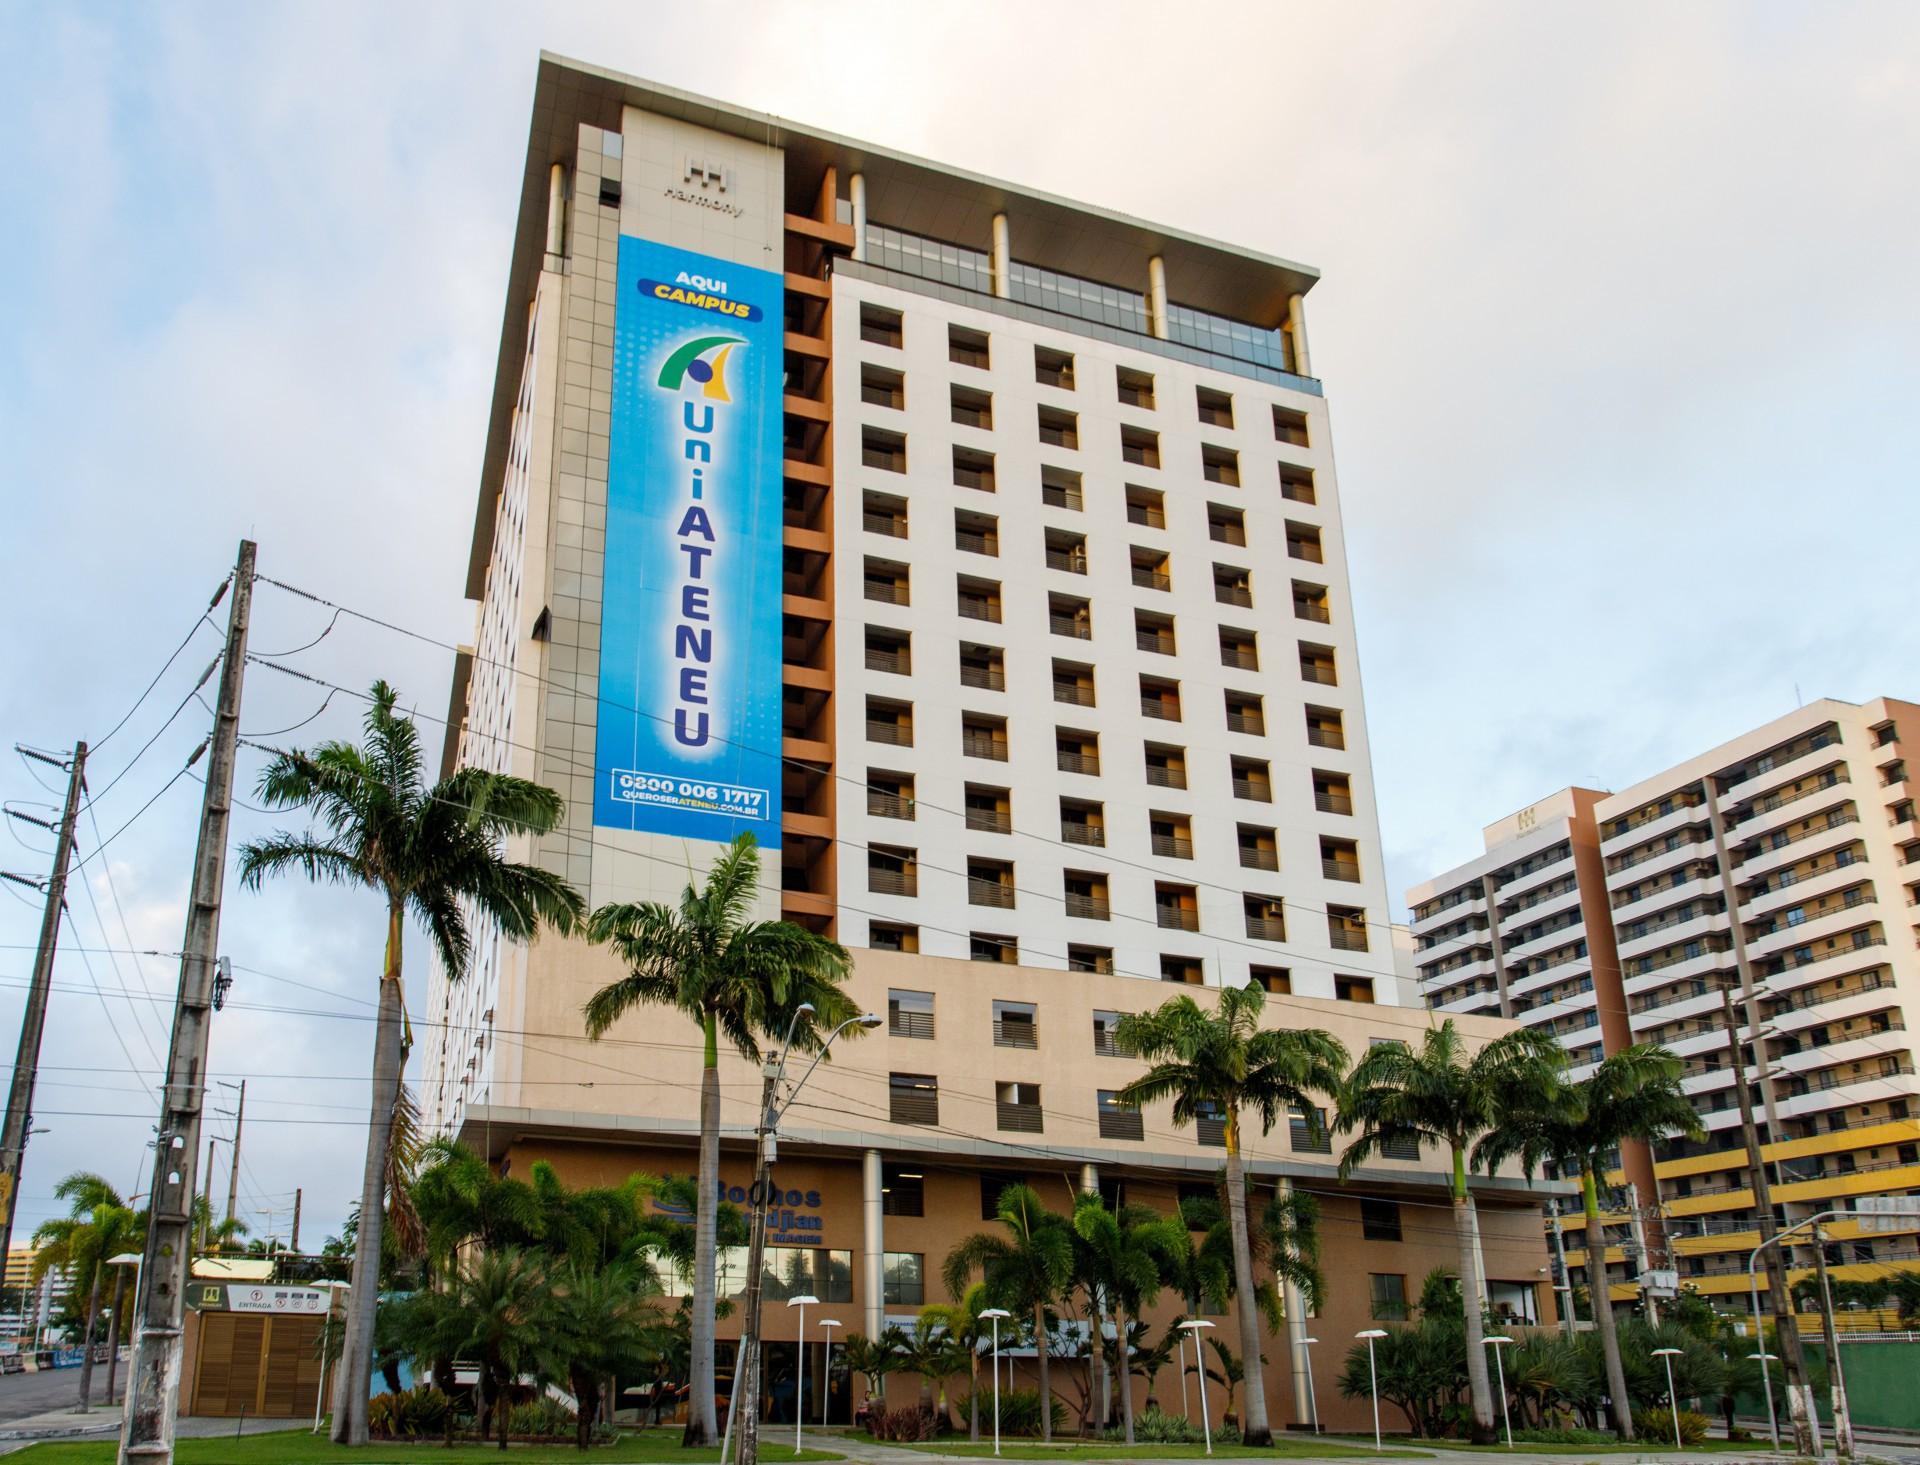 A UniAteneu Bezerra de Menezes está localizada em uma área privilegiada em Fortaleza, com fácil acesso para diferentes regiões da cidade (Foto: HELTON ROLIM/Divulgação)